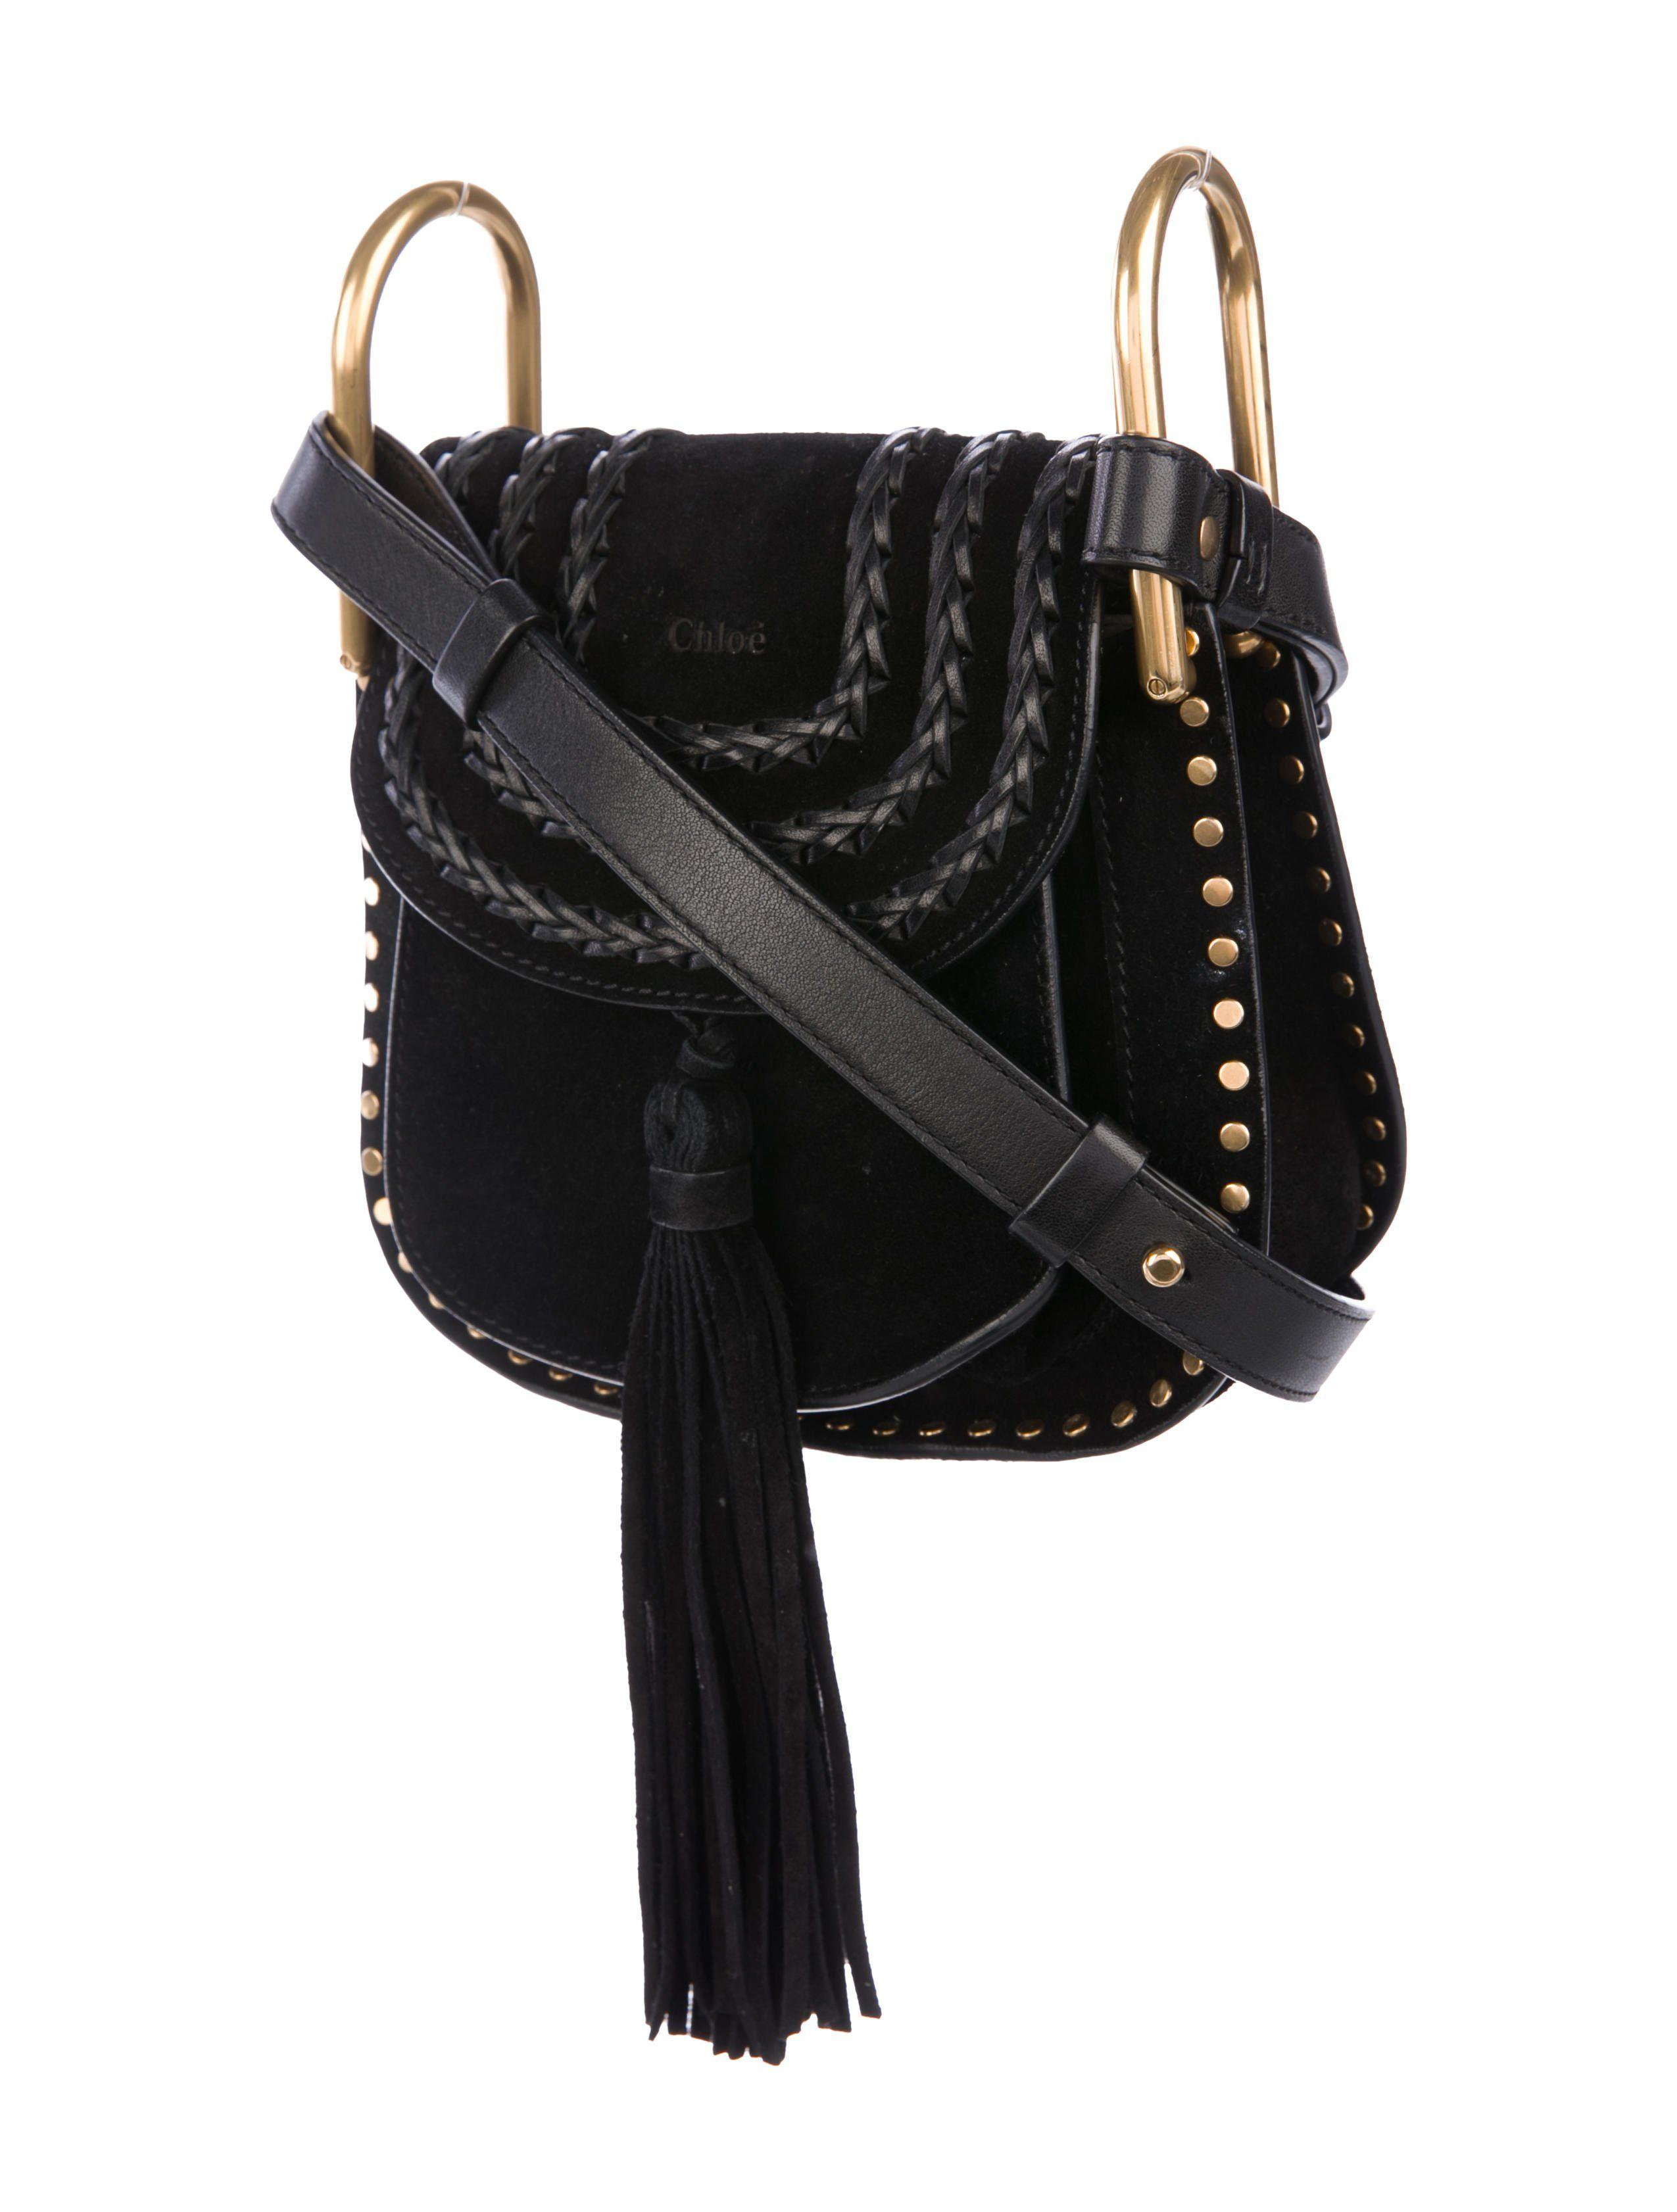 d5d288433ed82 Black suede Chlo¨¦ mini Hudson saddle bag with gold-tone hardware, single  flat shoulder strap, single slit pocket under flap, beige suede interior,  single